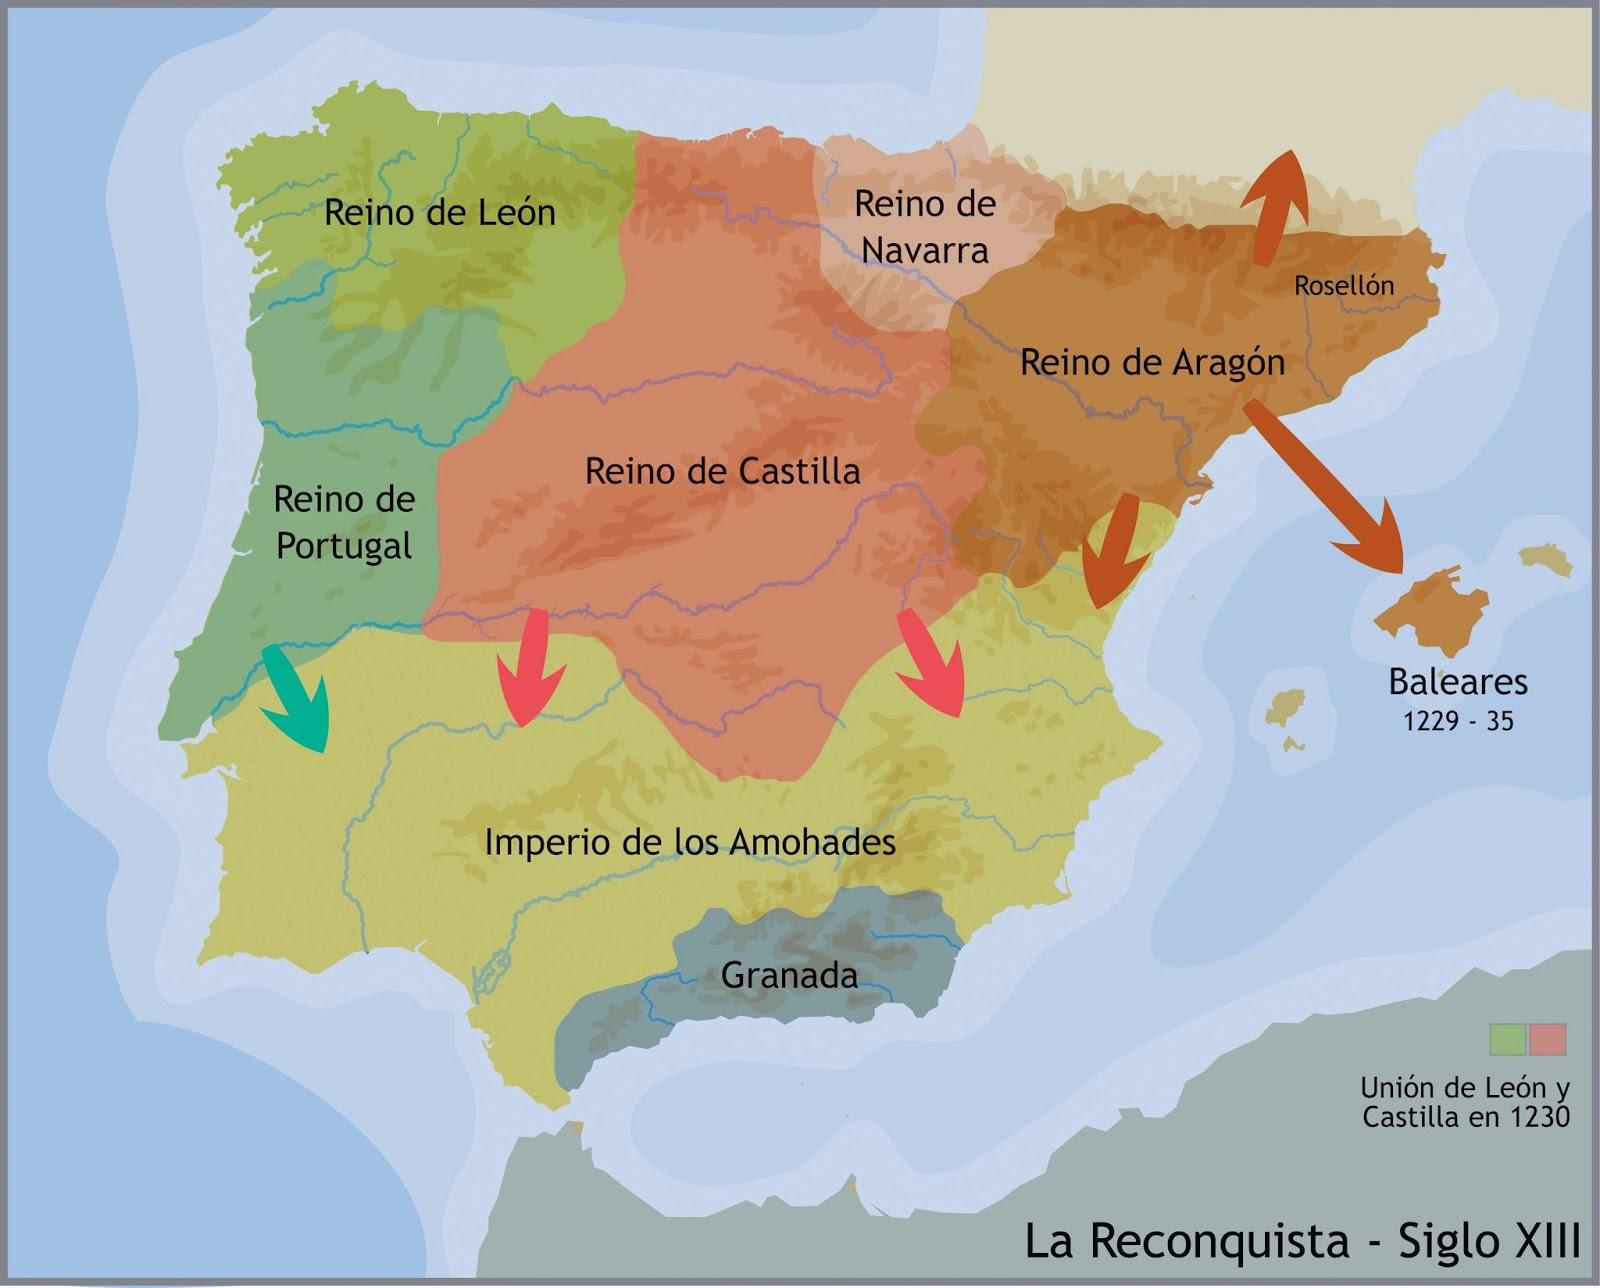 Los Reinos Cristianos Pau de Los Reinos Cristianos